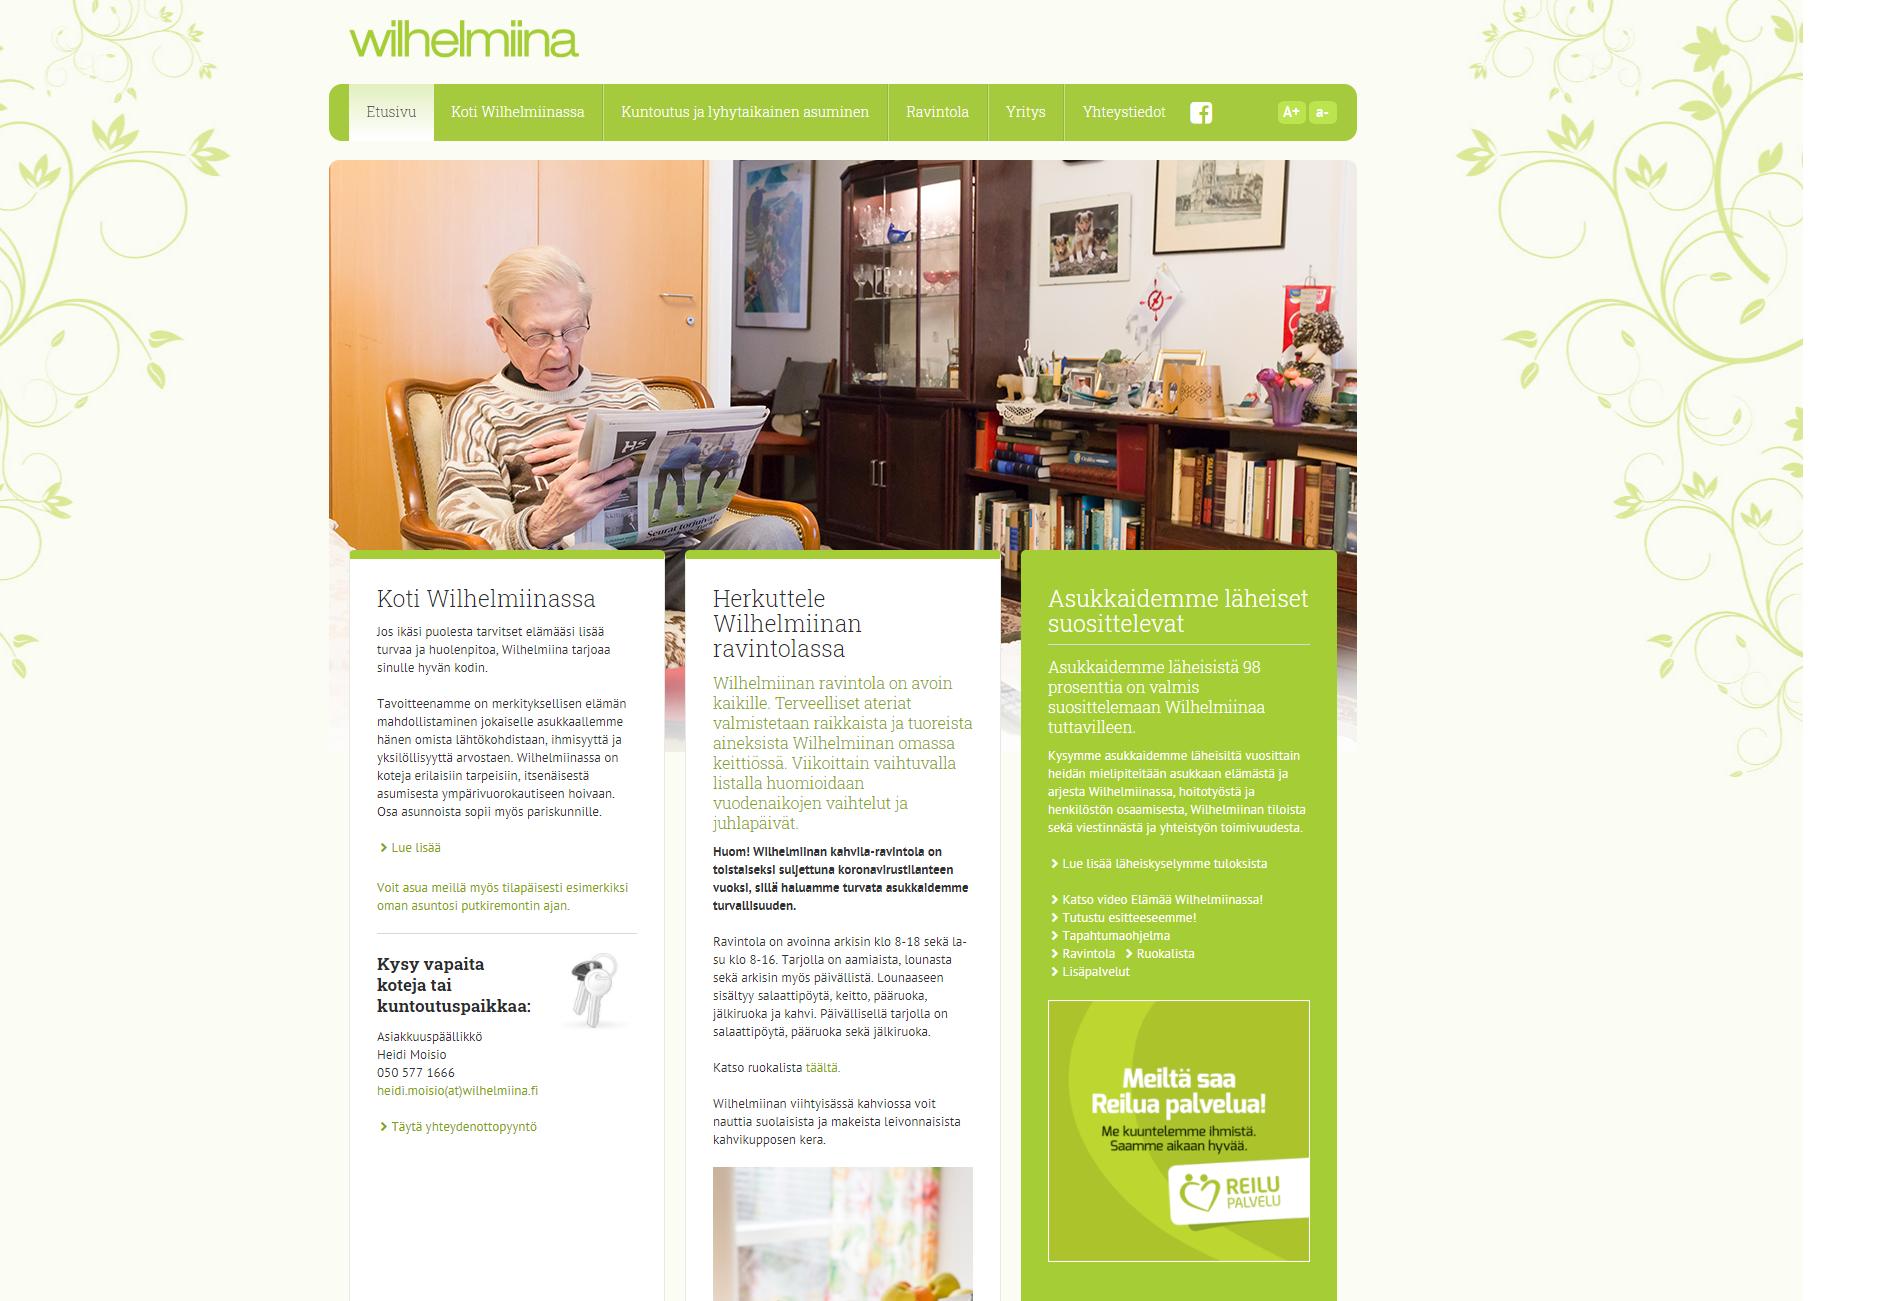 Wilhelmiina nettisivut